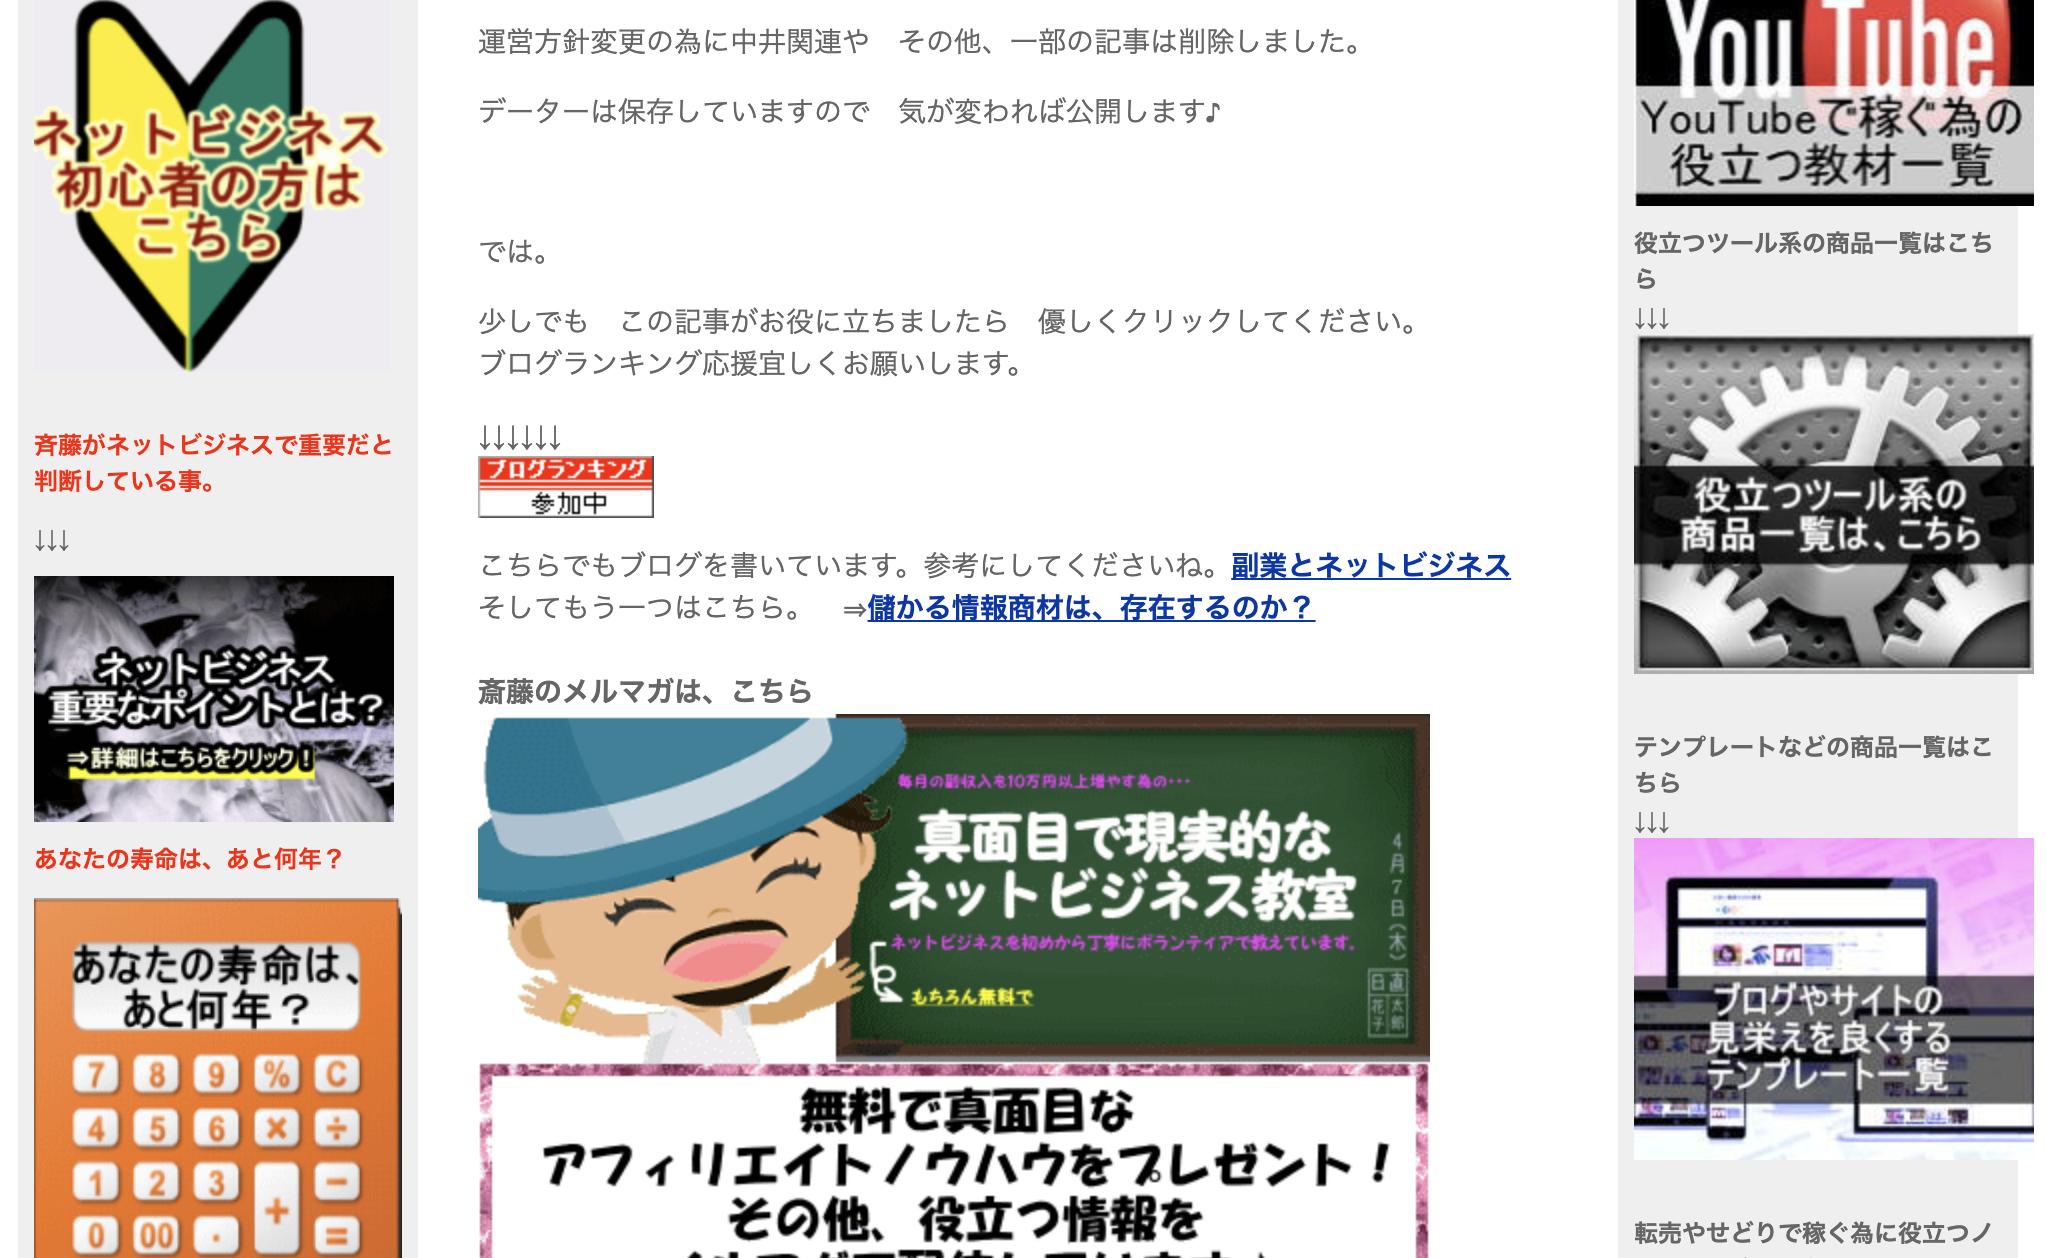 斎藤やすさんのブログ